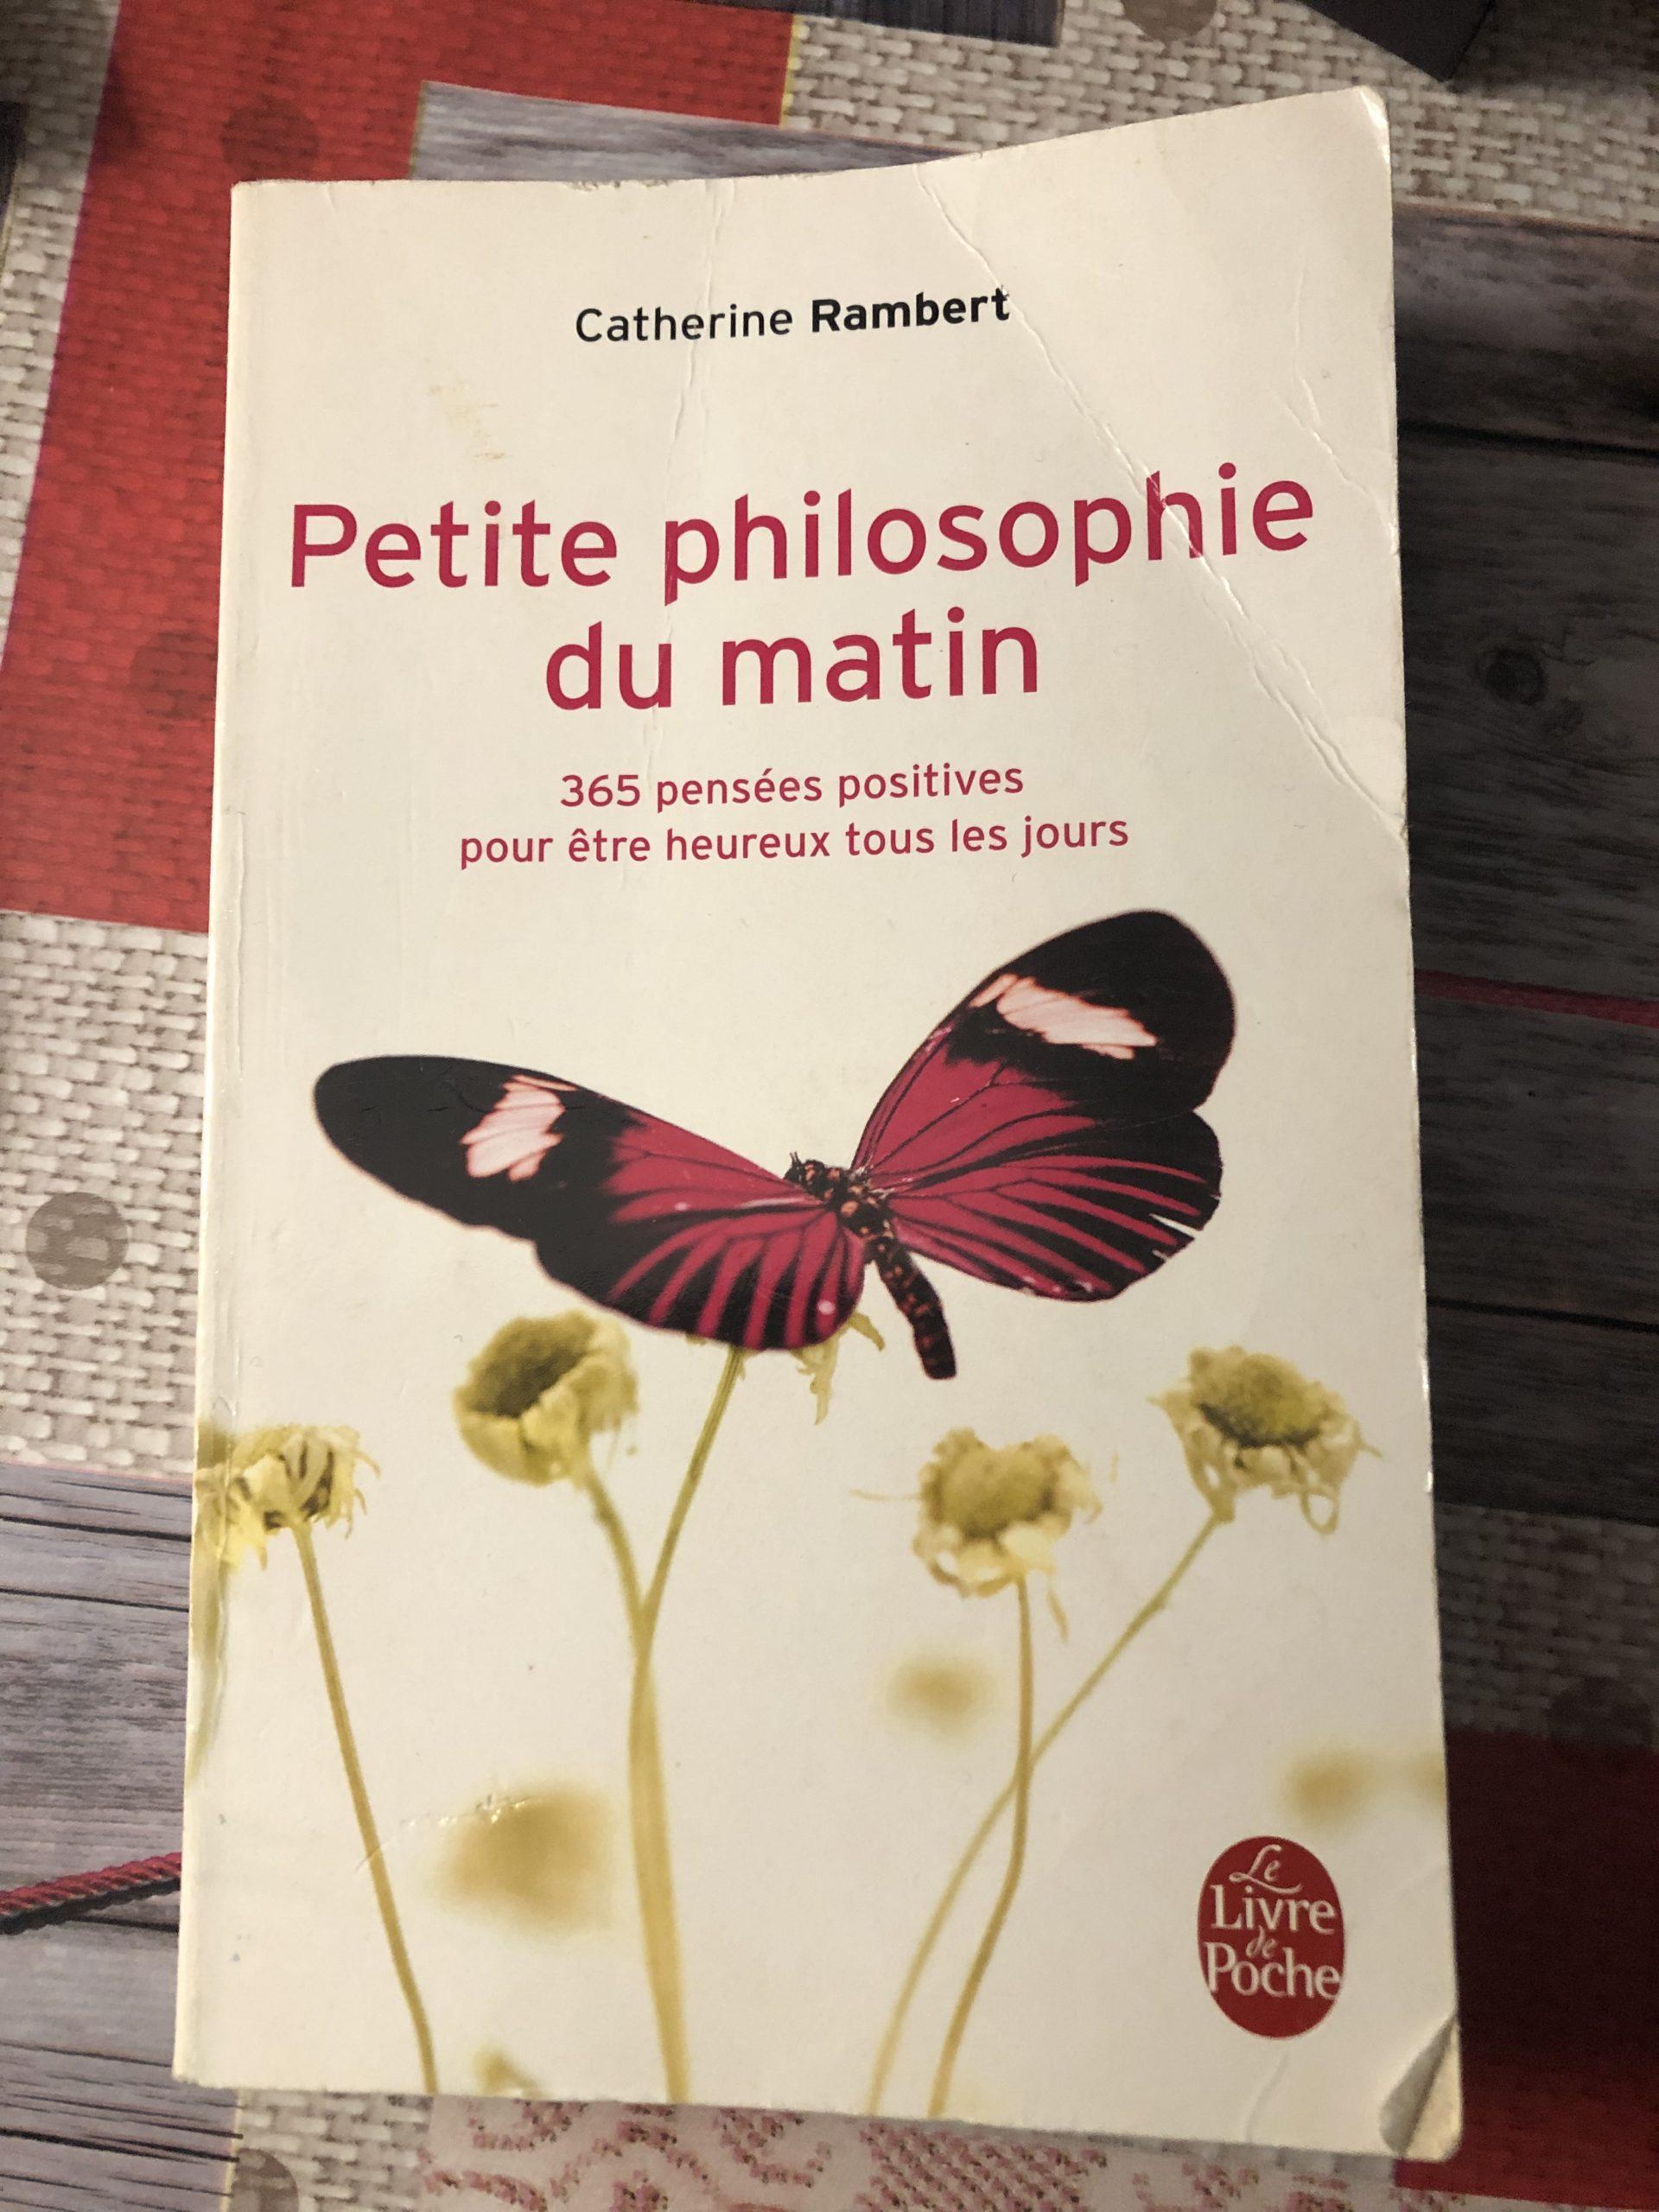 Petite Philosophie du matin de Catherine Rambert - Photo de Cendrine Miesch pour le blog de LaPtiteAlsacienne.com